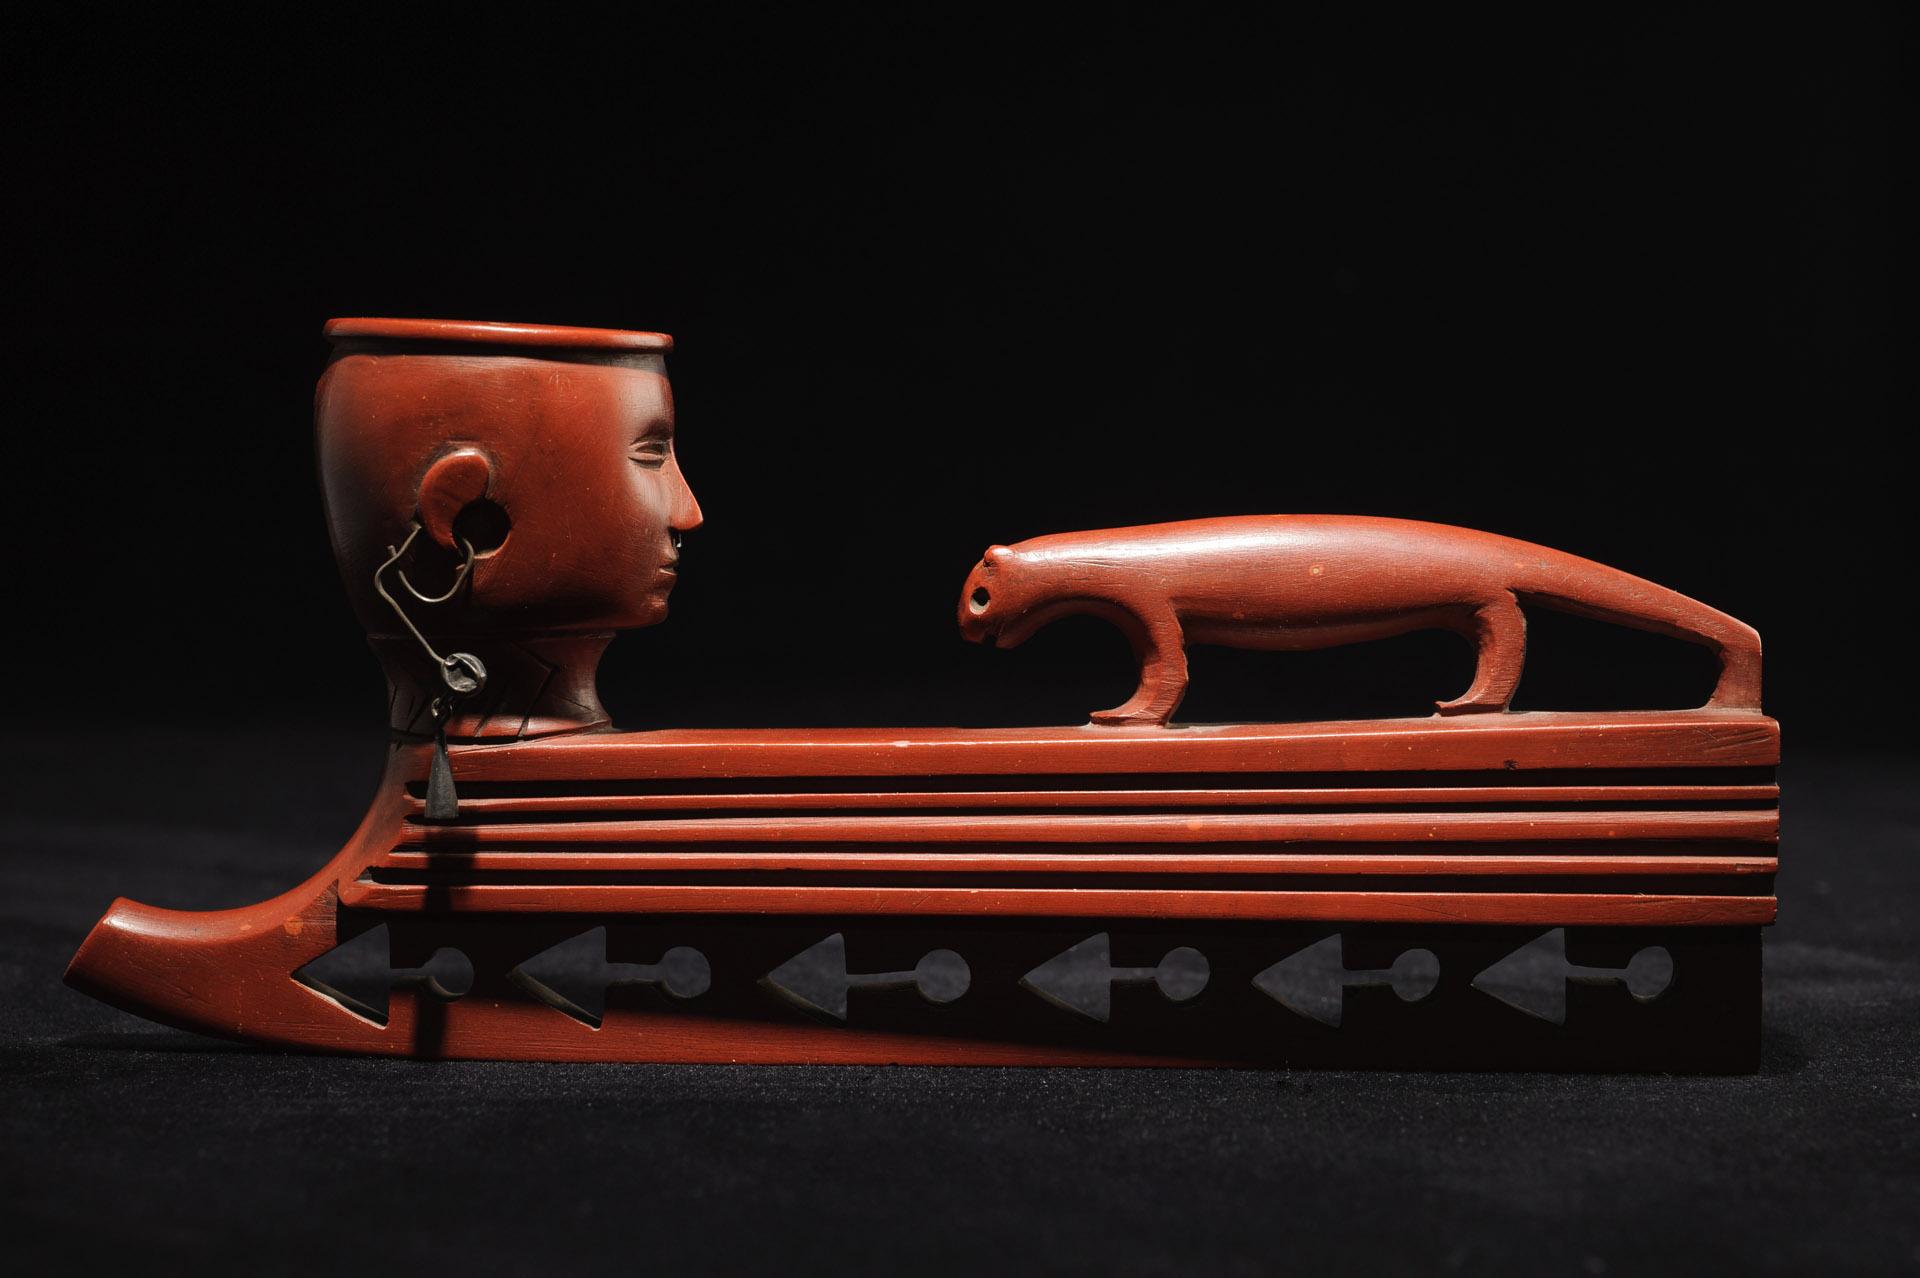 11damiano rosa fotografo still life arte antiquariato archeologia etnografia